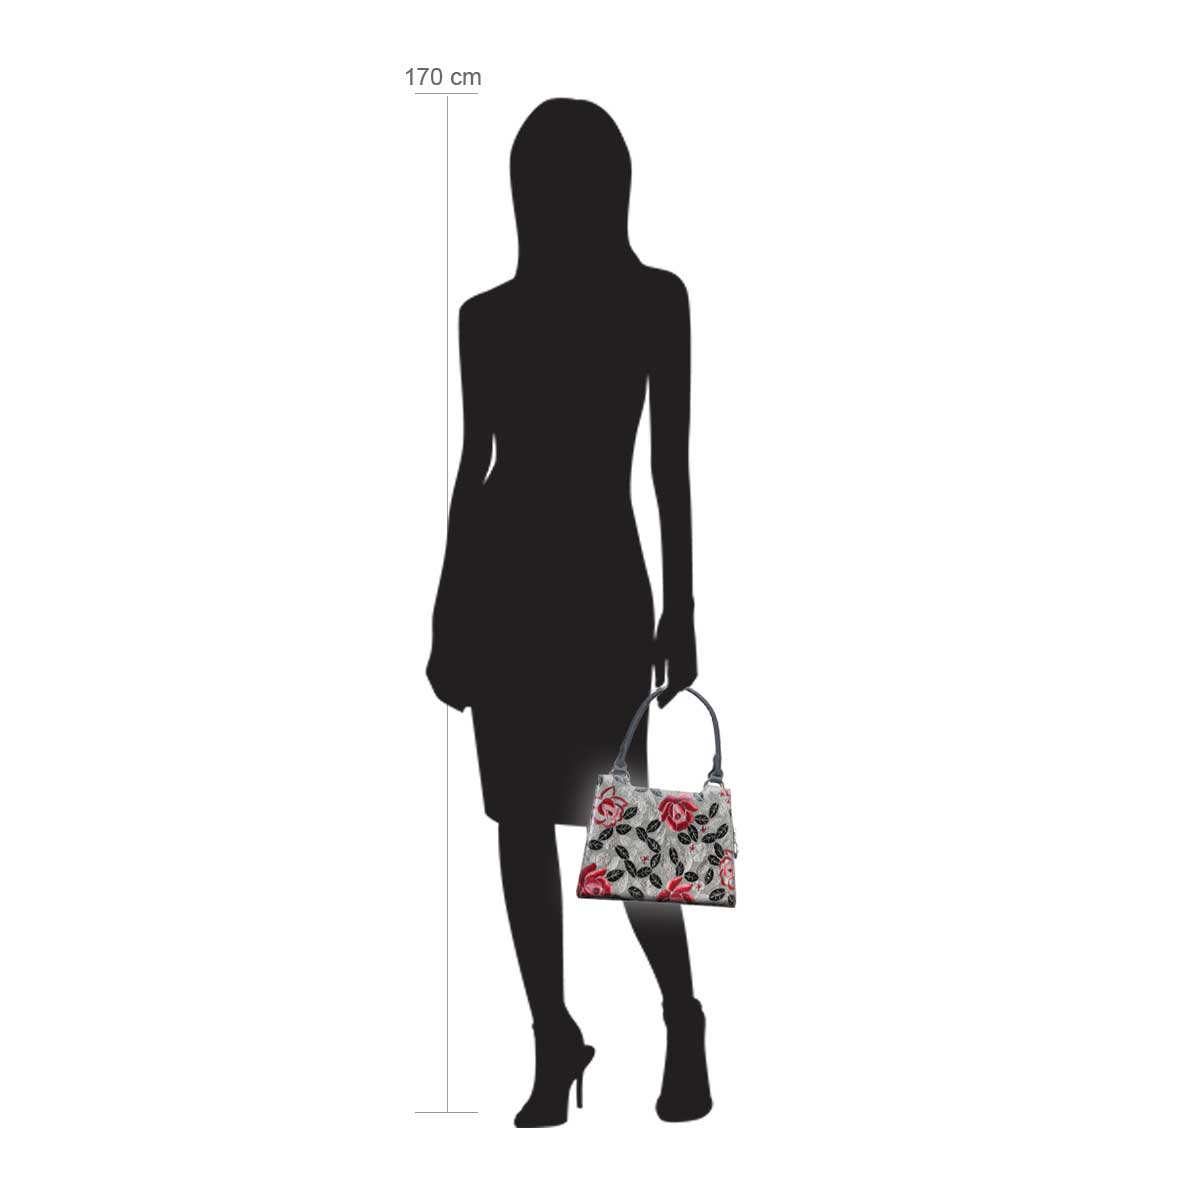 Modellpuppe 170 cm groß zeigt die Handtaschengröße an der Person Modell:Aruba